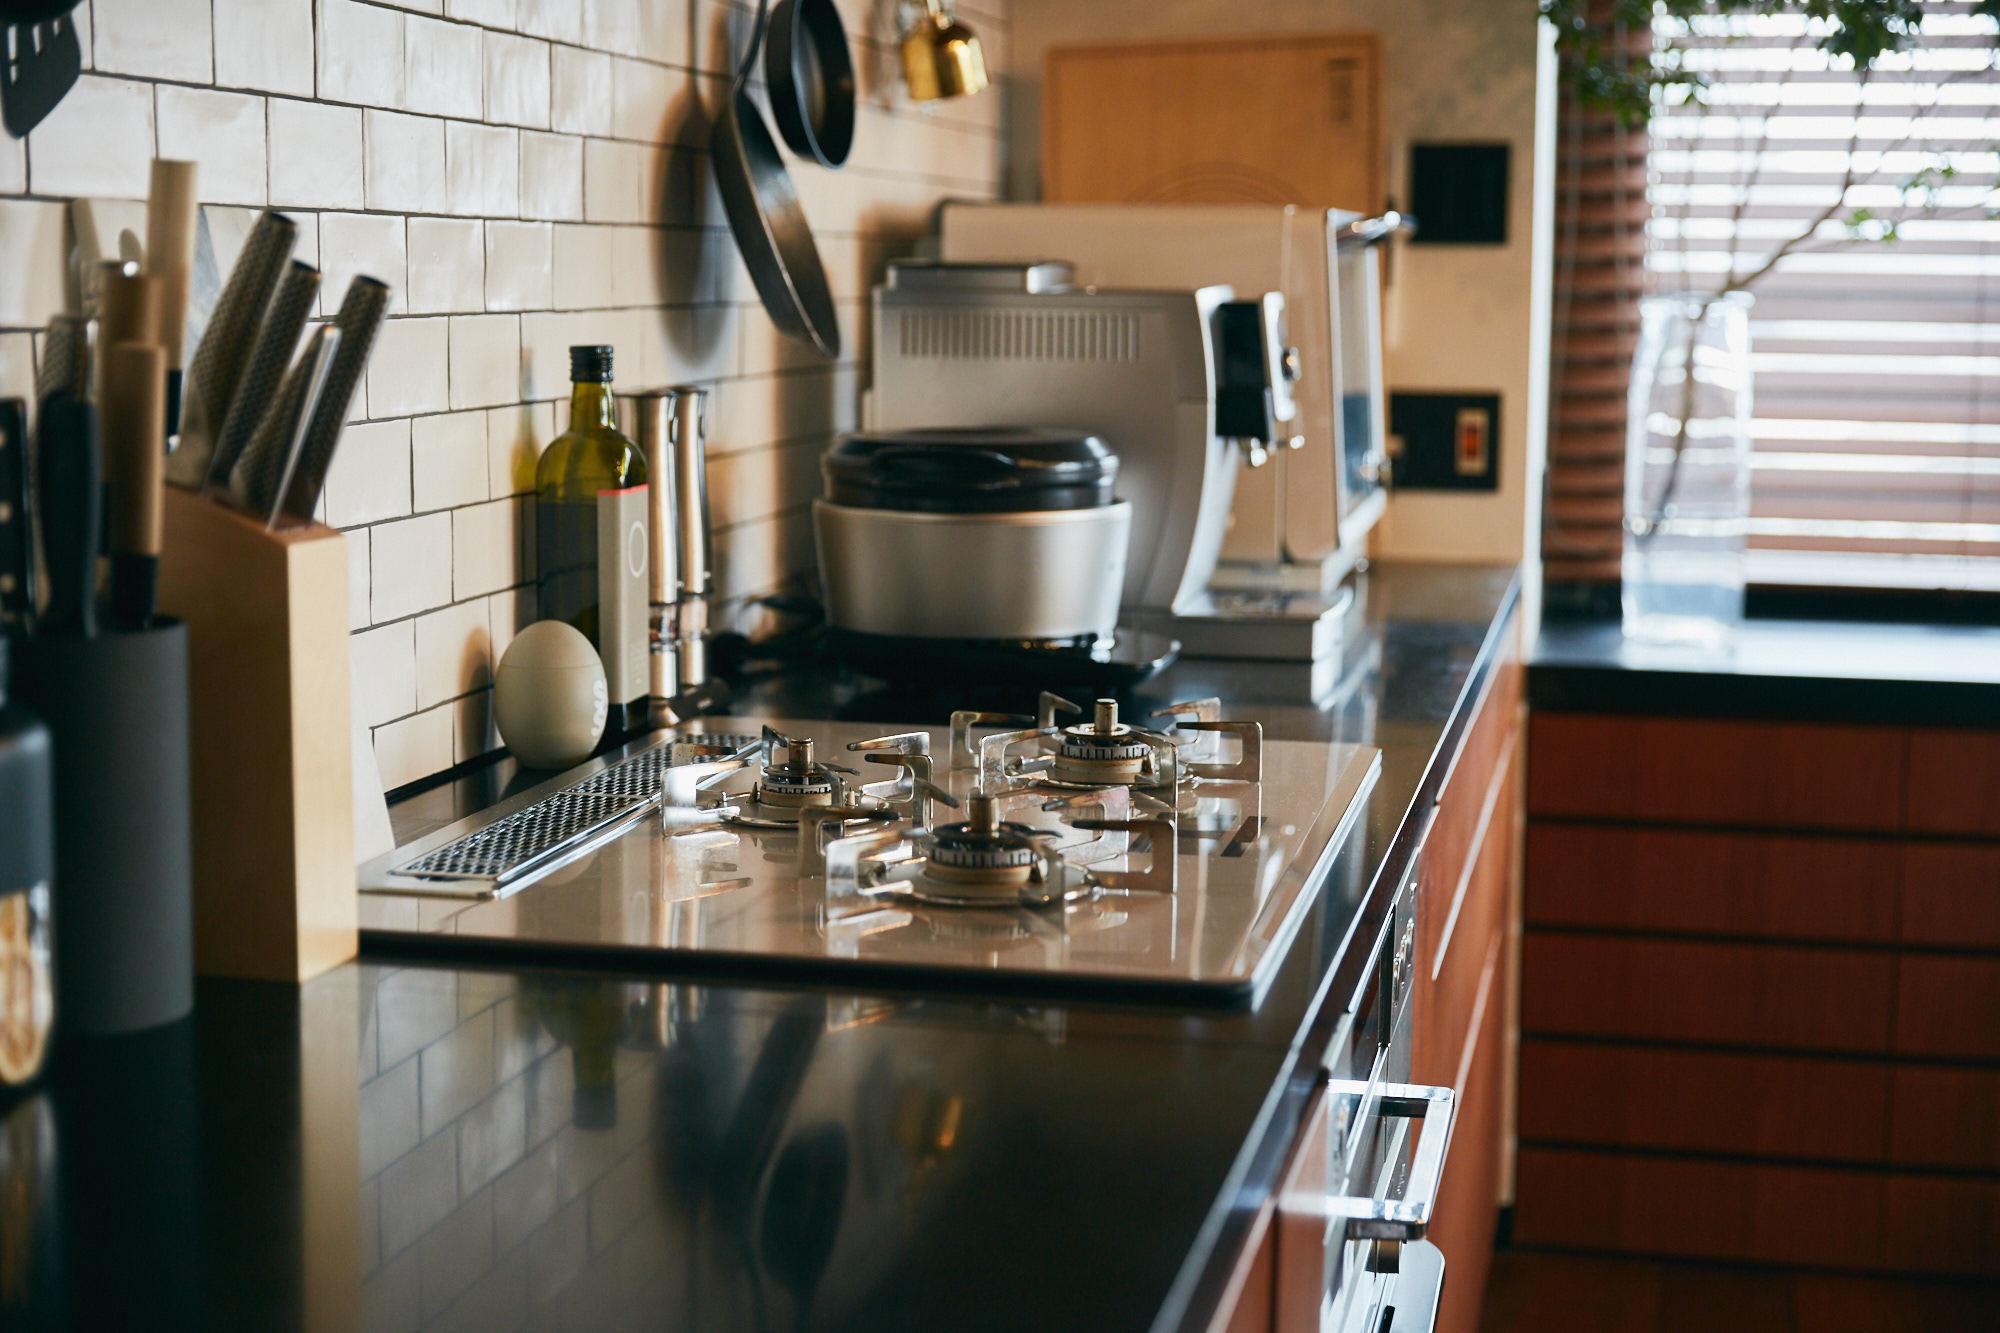 ハイスペック家電が並ぶキッチン